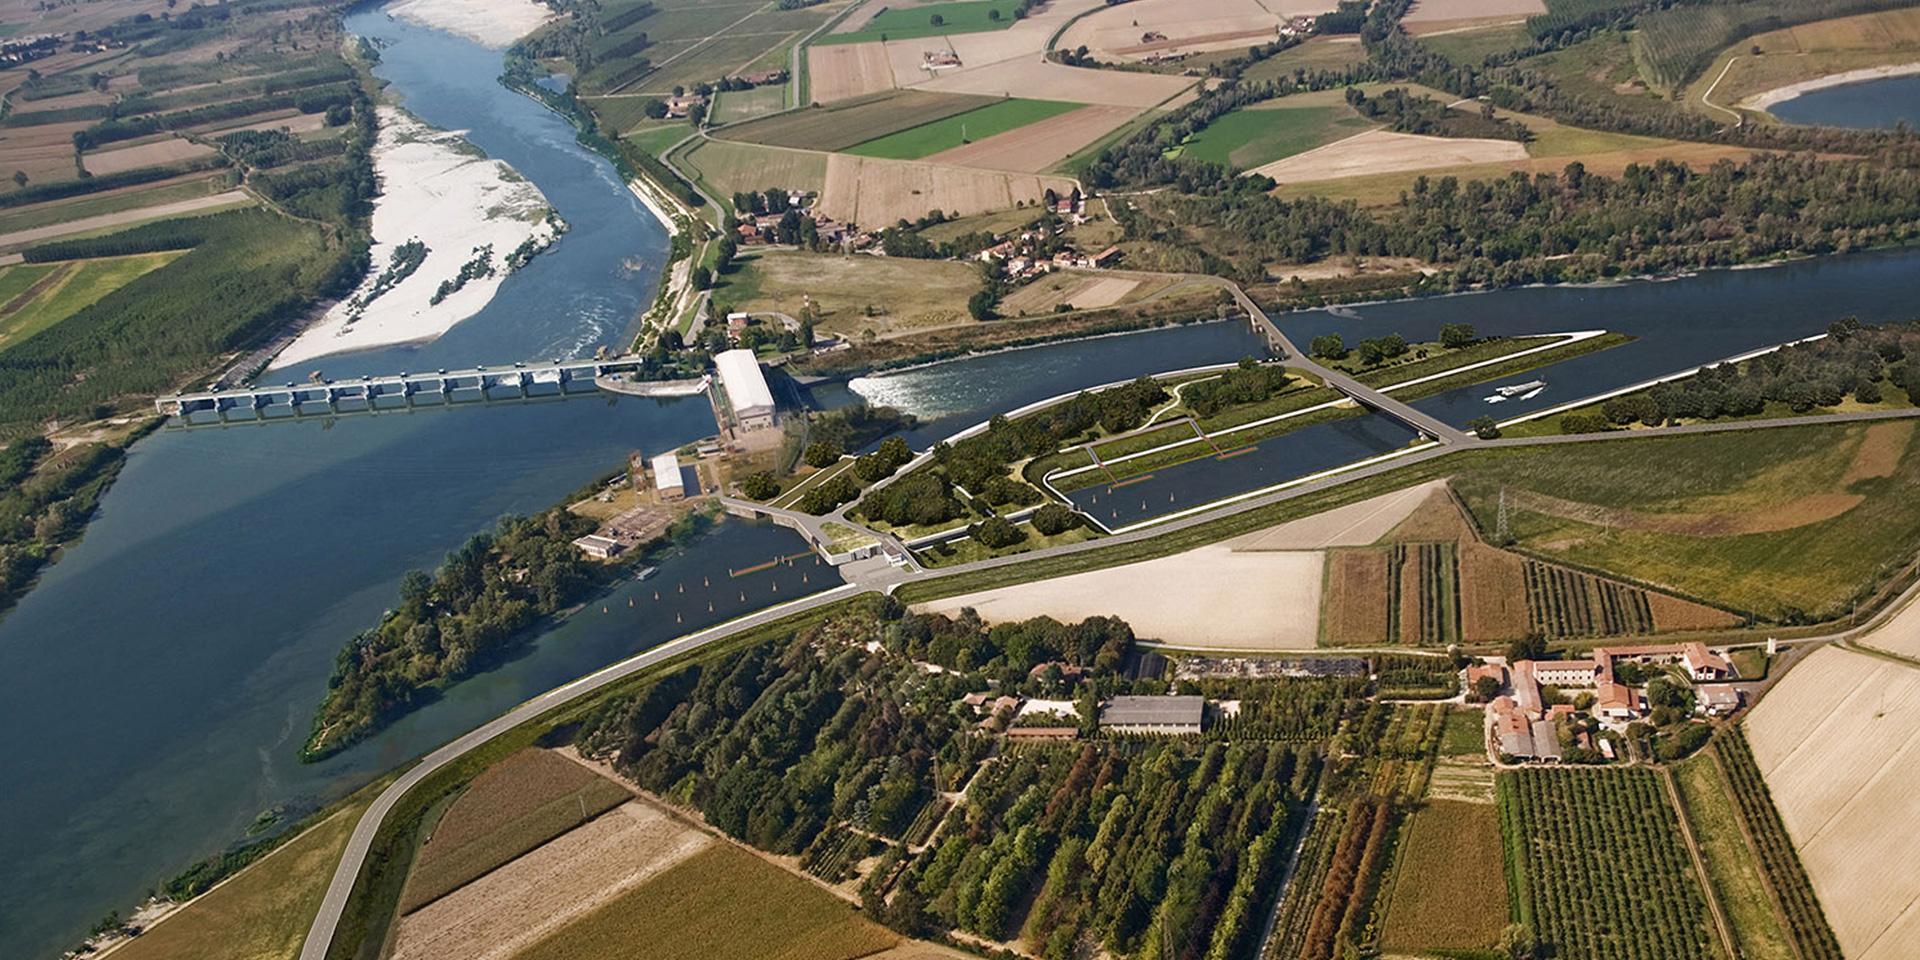 Conca di navigazione a Isola Serafini, Binini Partners, Società di architettura e ingegneria